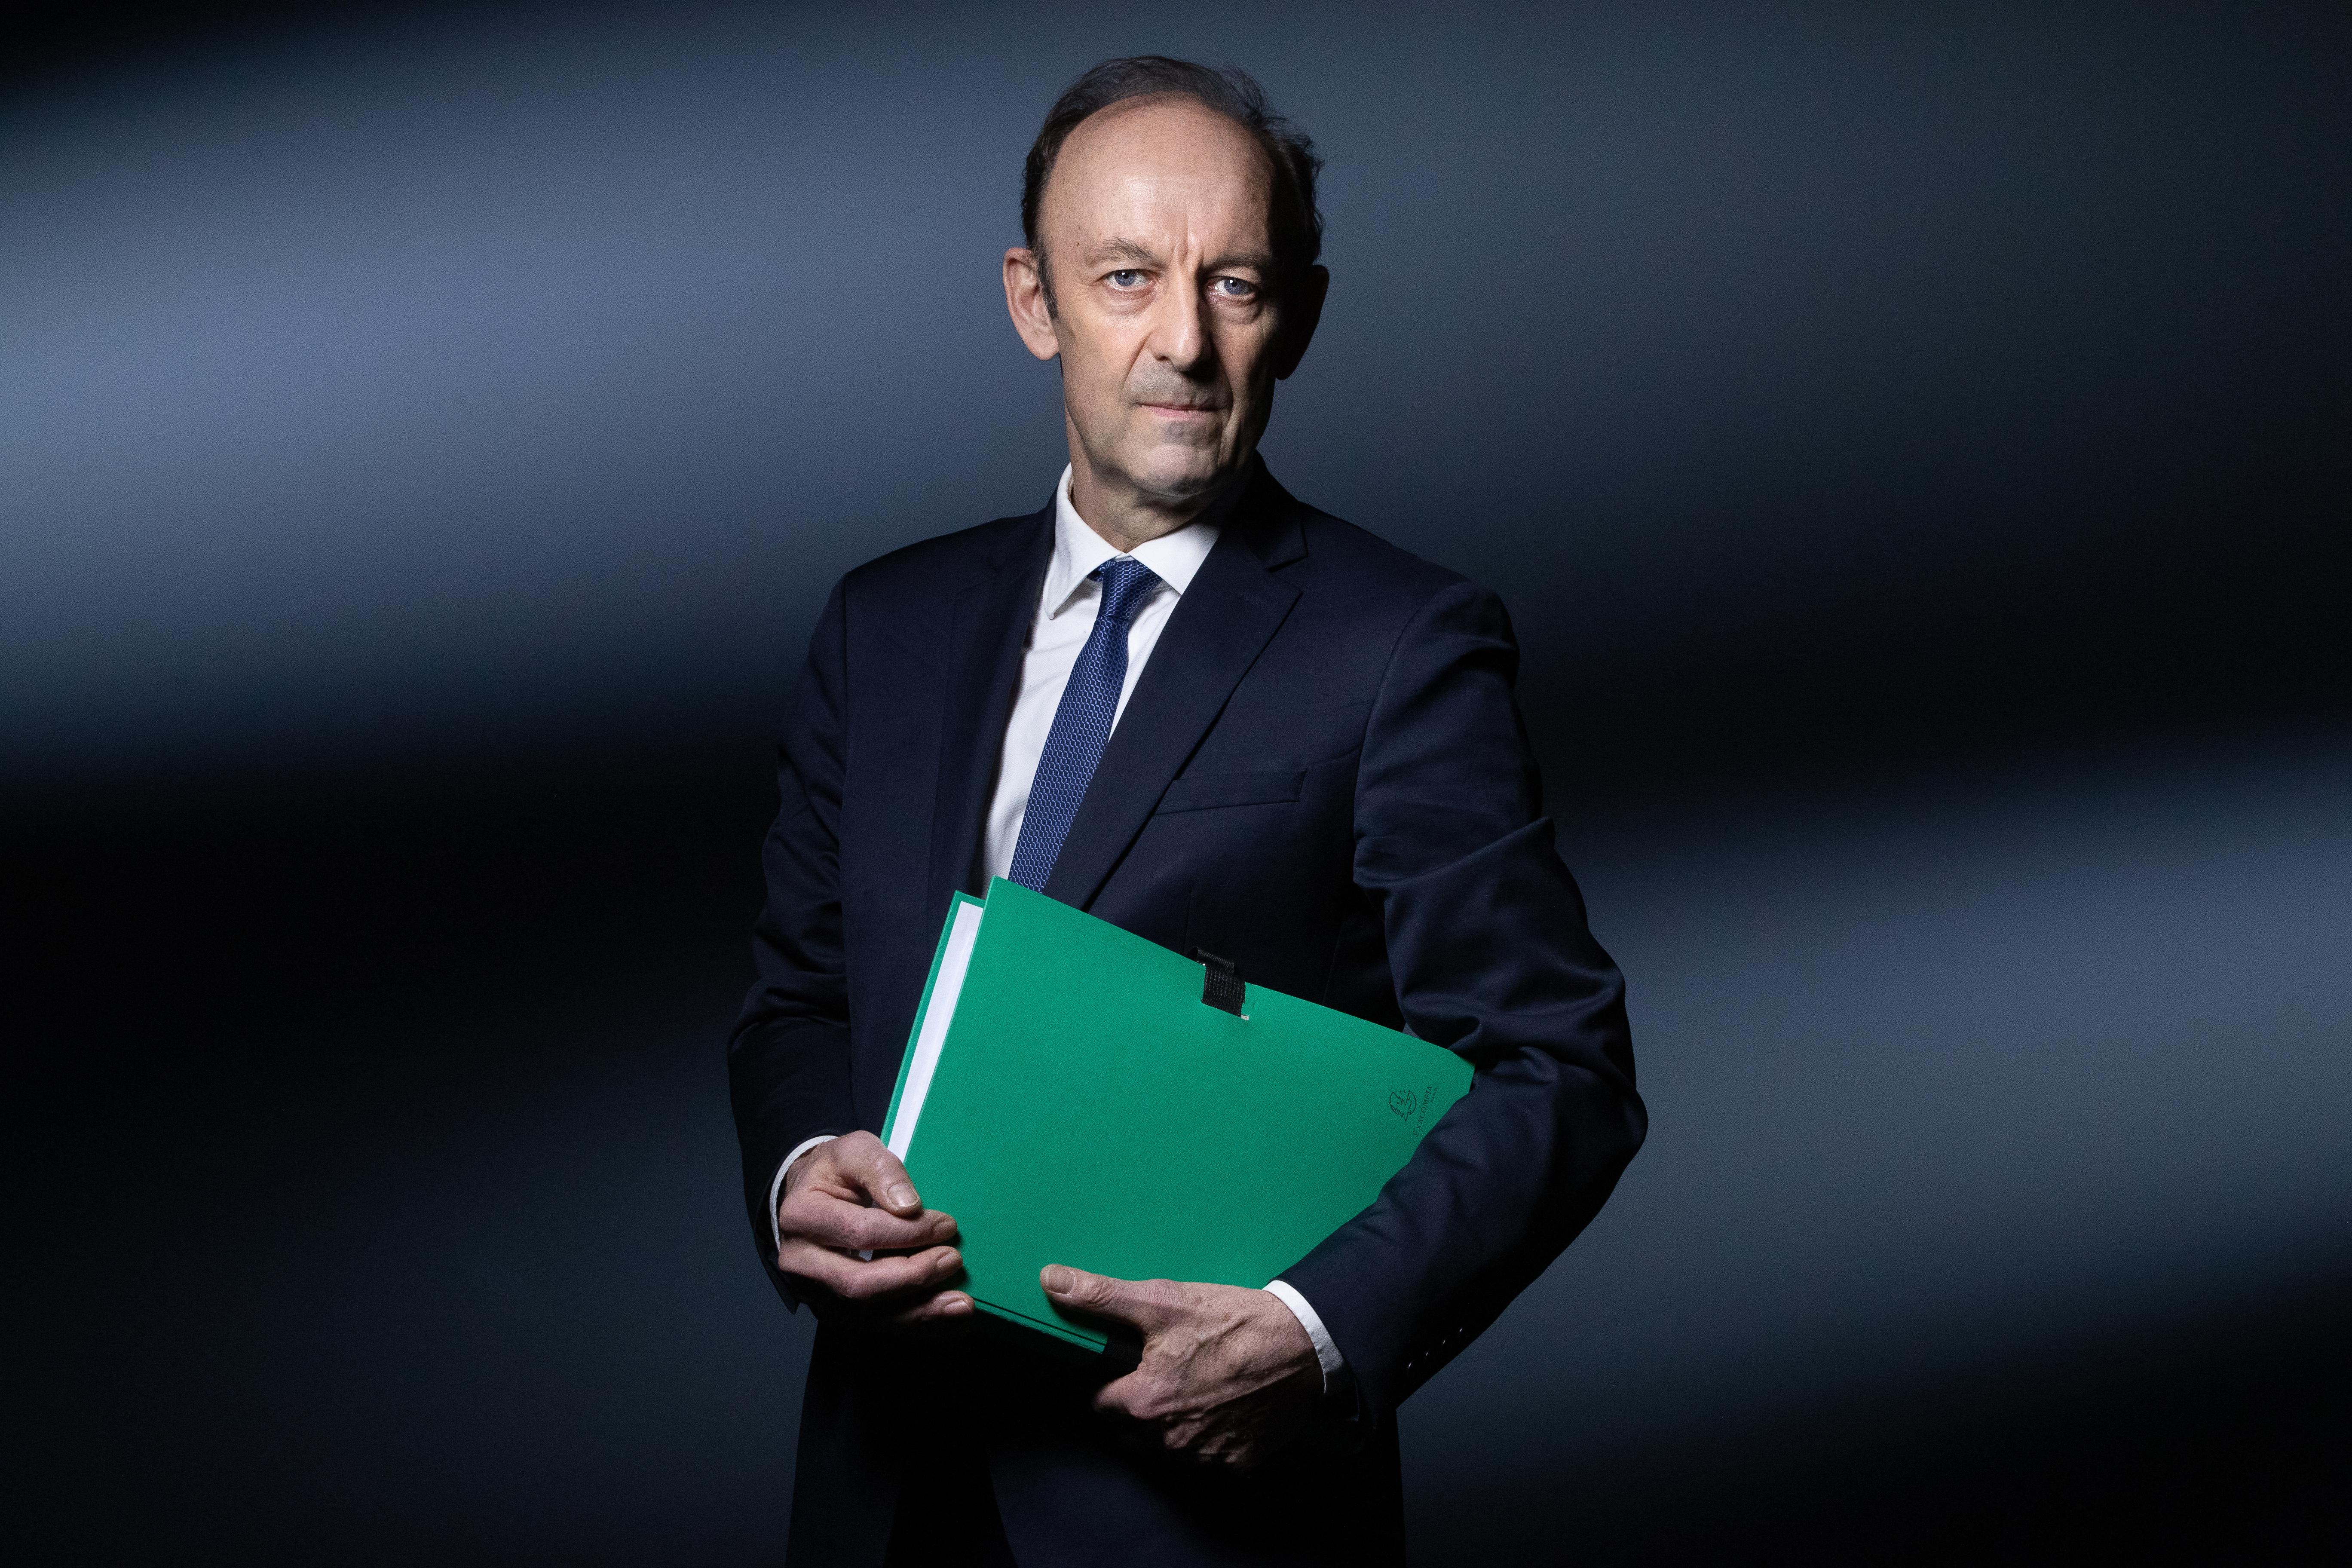 A ruandai népirtásról szóló dokumentumokat hoztak nyilvánosságra Franciaországban